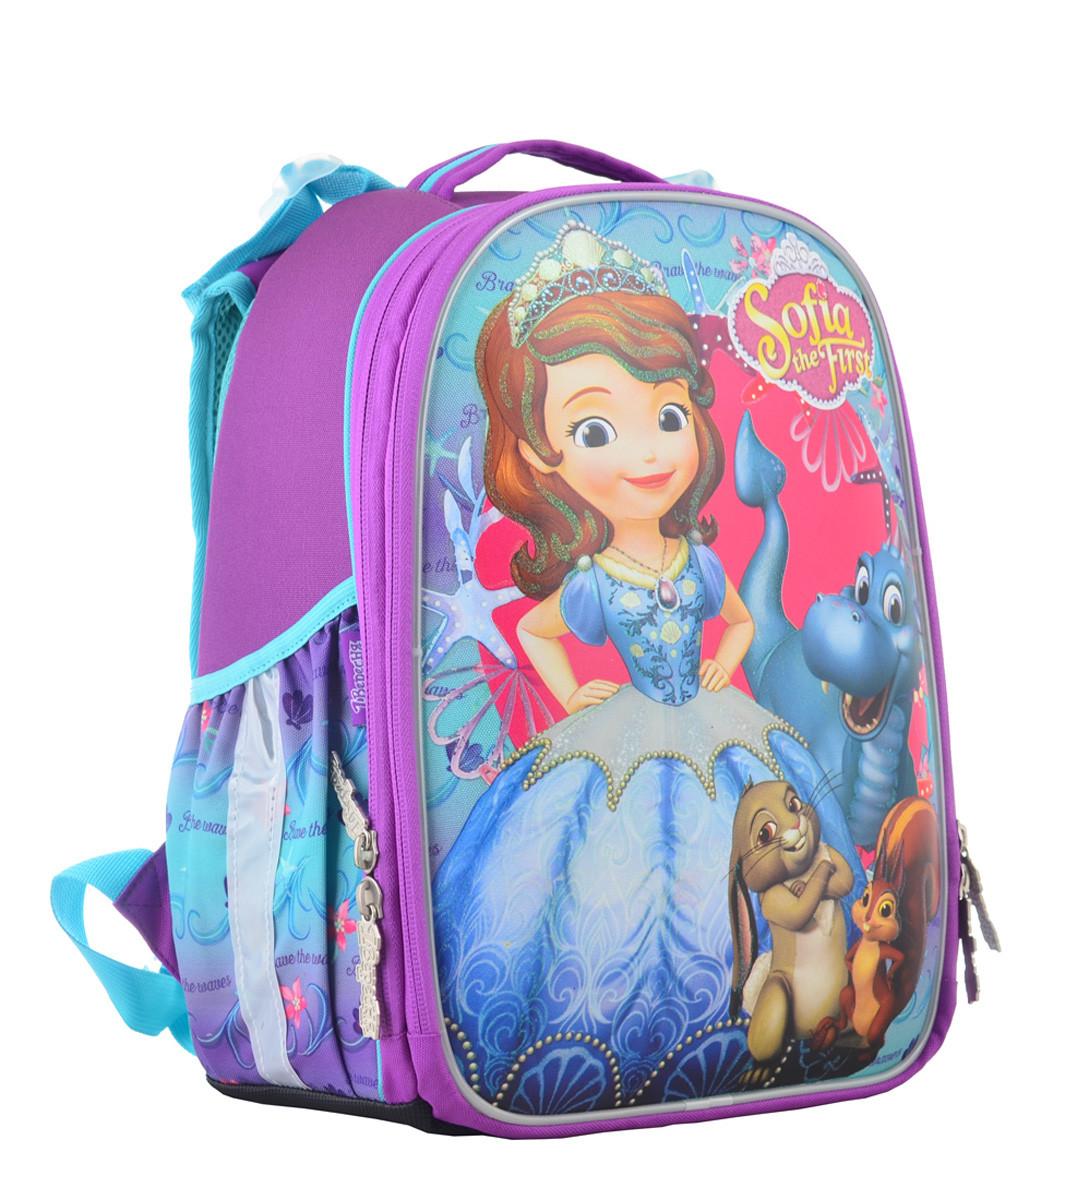 Рюкзак школьный ортопедический каркасный 1 Вересня H-25 Sofia, 35*26*16 код: 555364